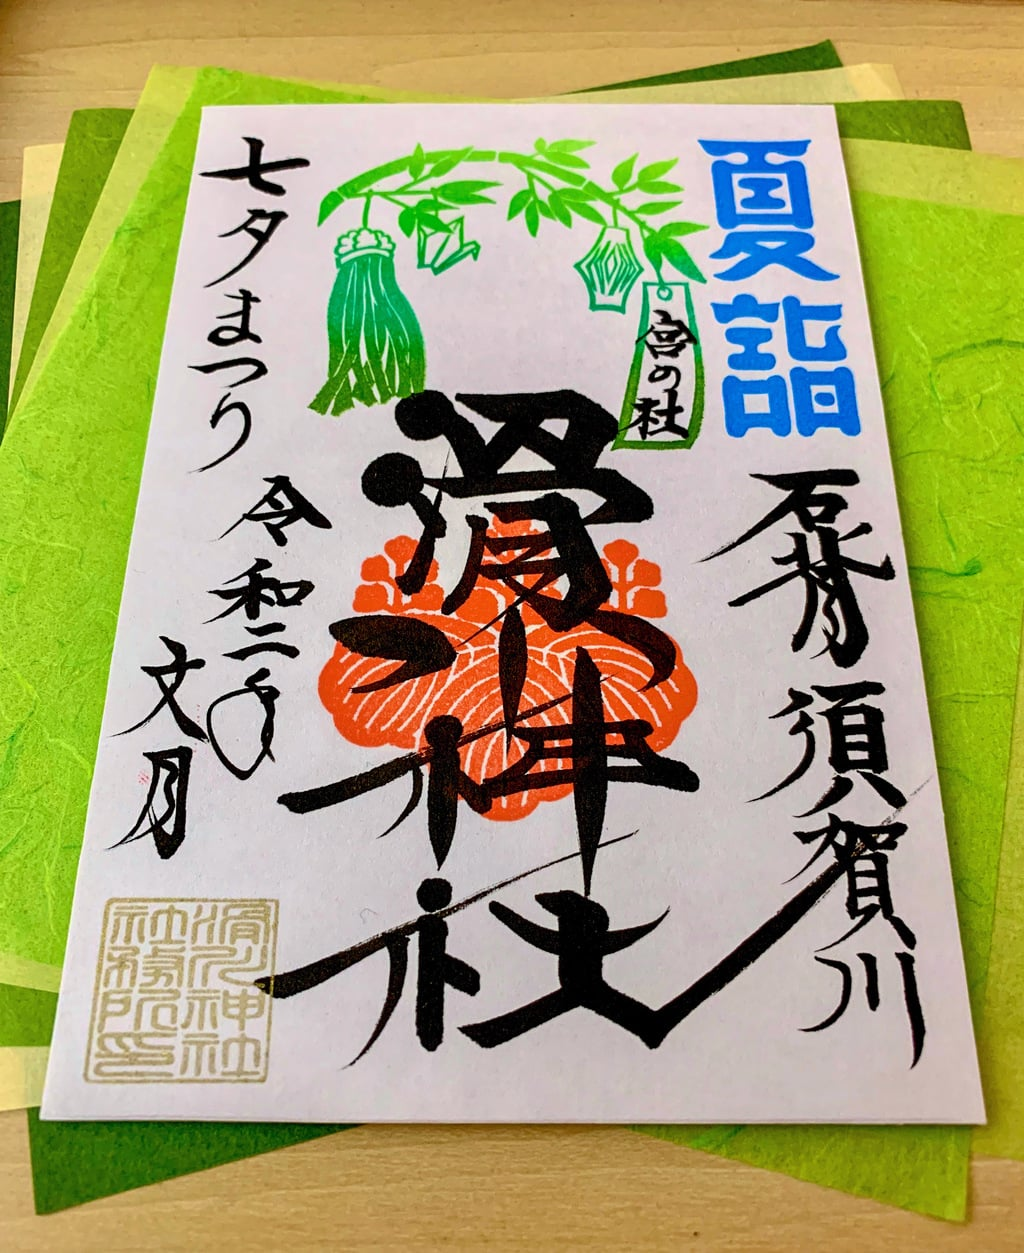 滑川神社 - 仕事と子どもの守り神の御朱印